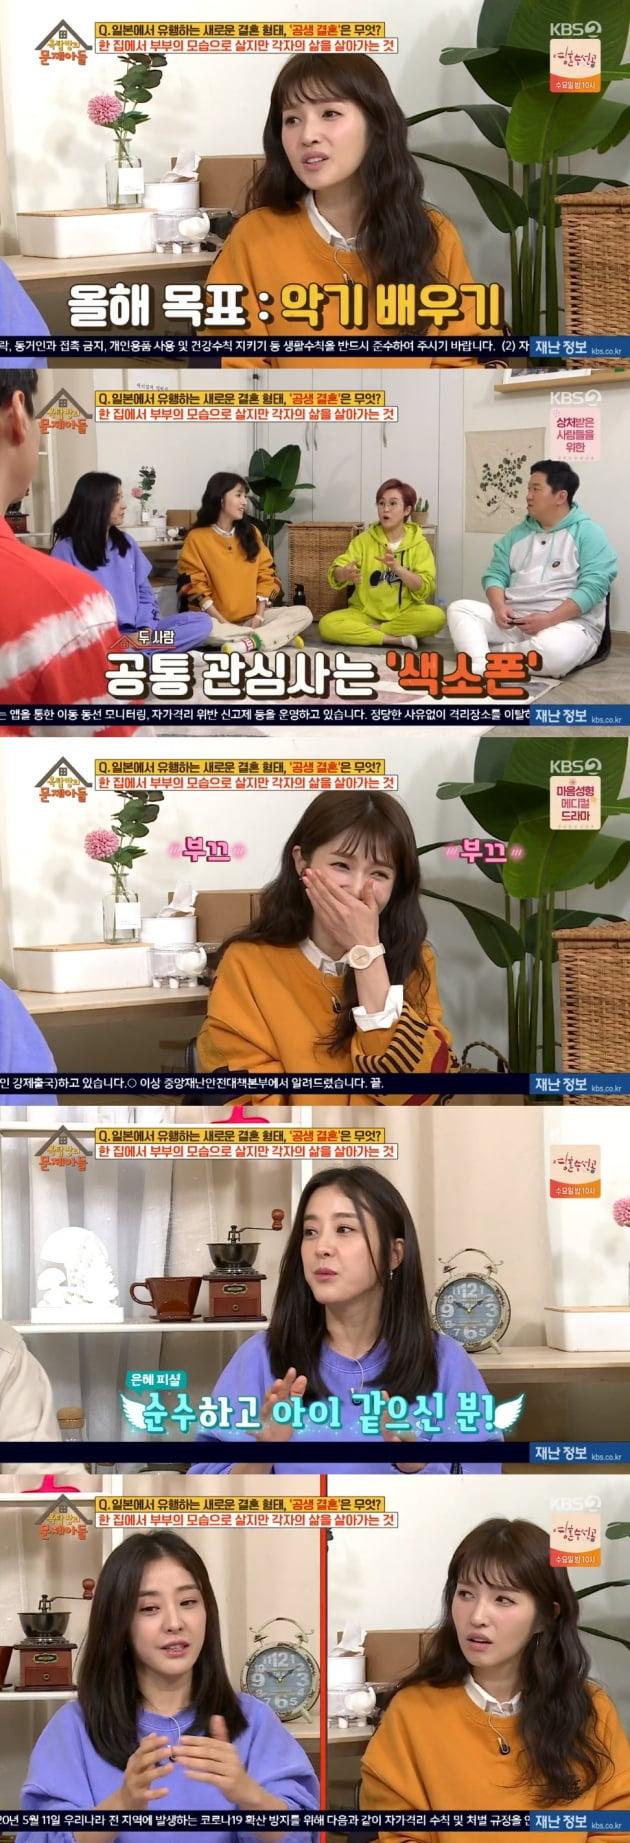 '옥탑방의 문제아들' 박은혜 김경란 / 사진 = KBS 영상 캡처